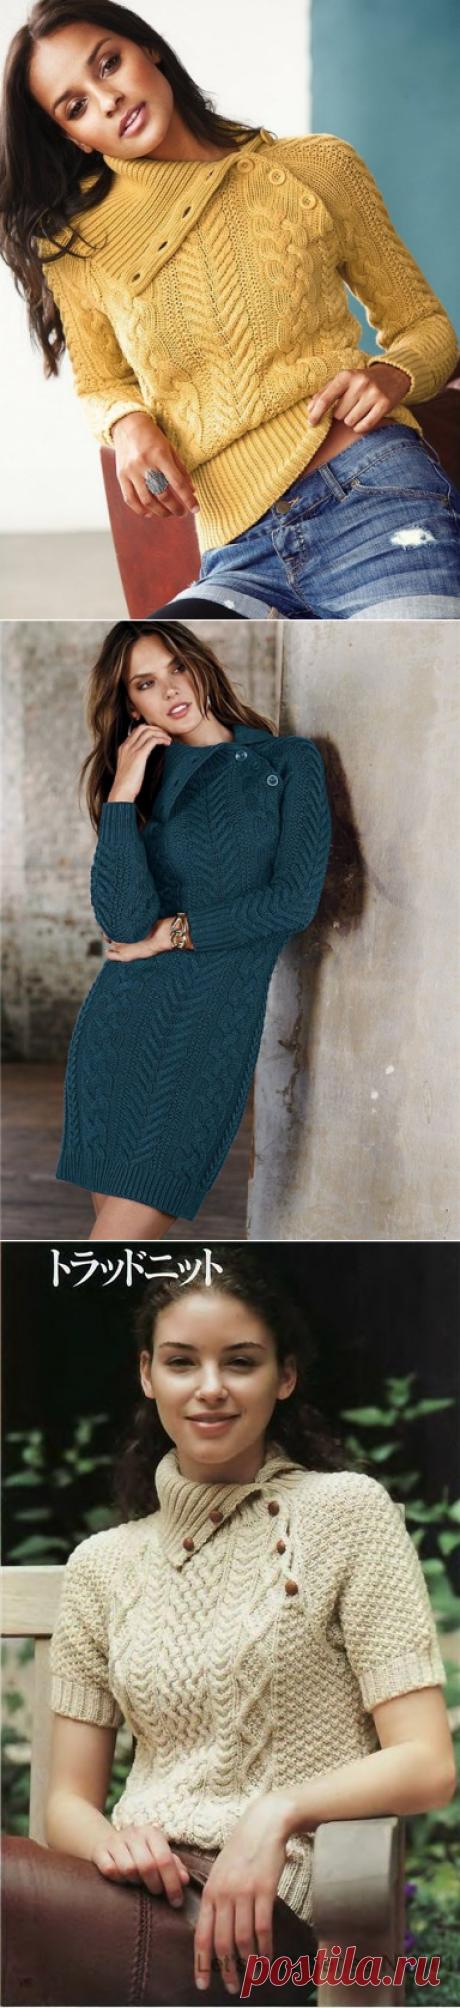 Арановое единство - платье+свитер